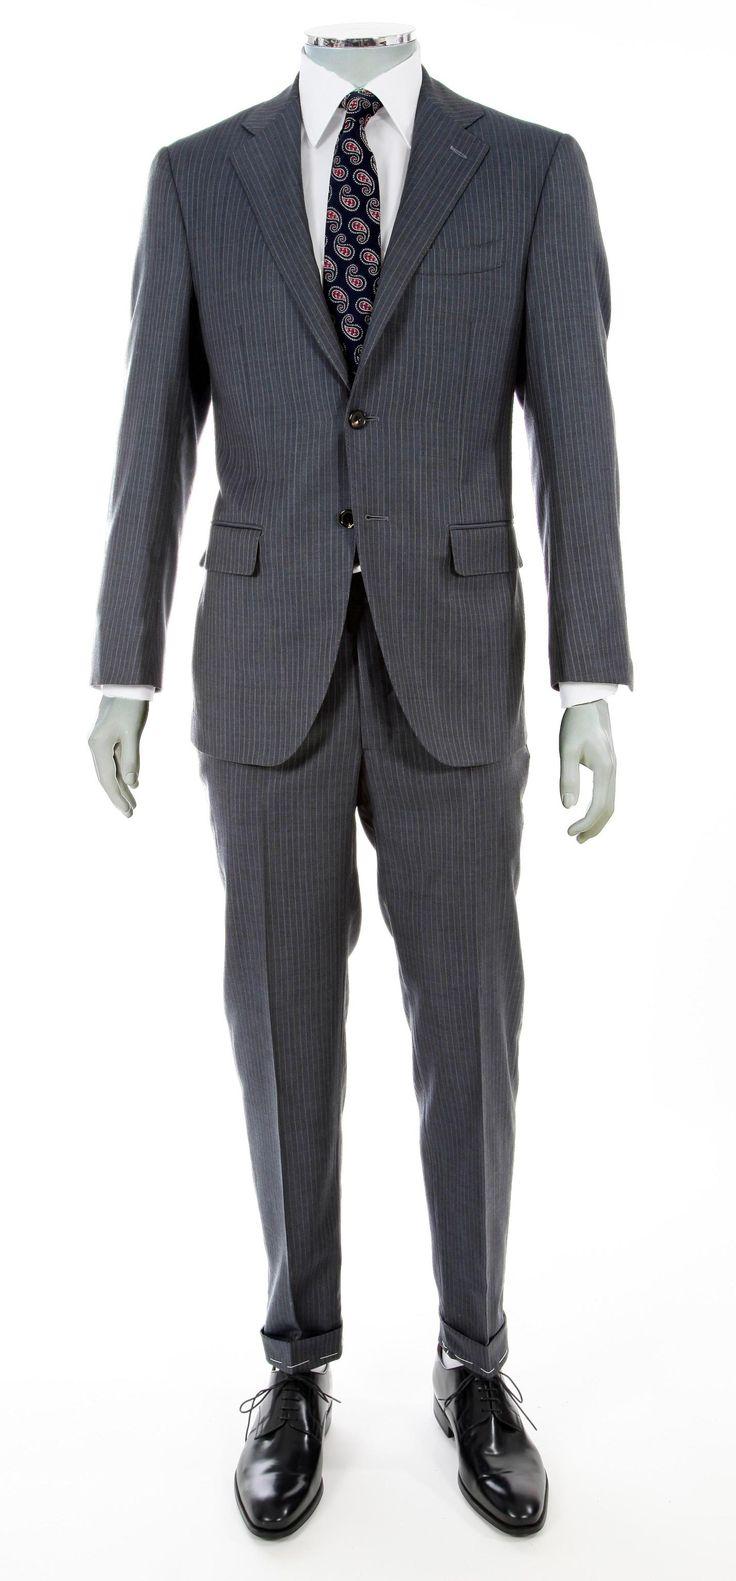 Abito formale due pezzi uomo su misura intelato, tre bottoni, tessuto Dormeuil 100% lana, color blu Avio con riga ghiaccio. #verisarti